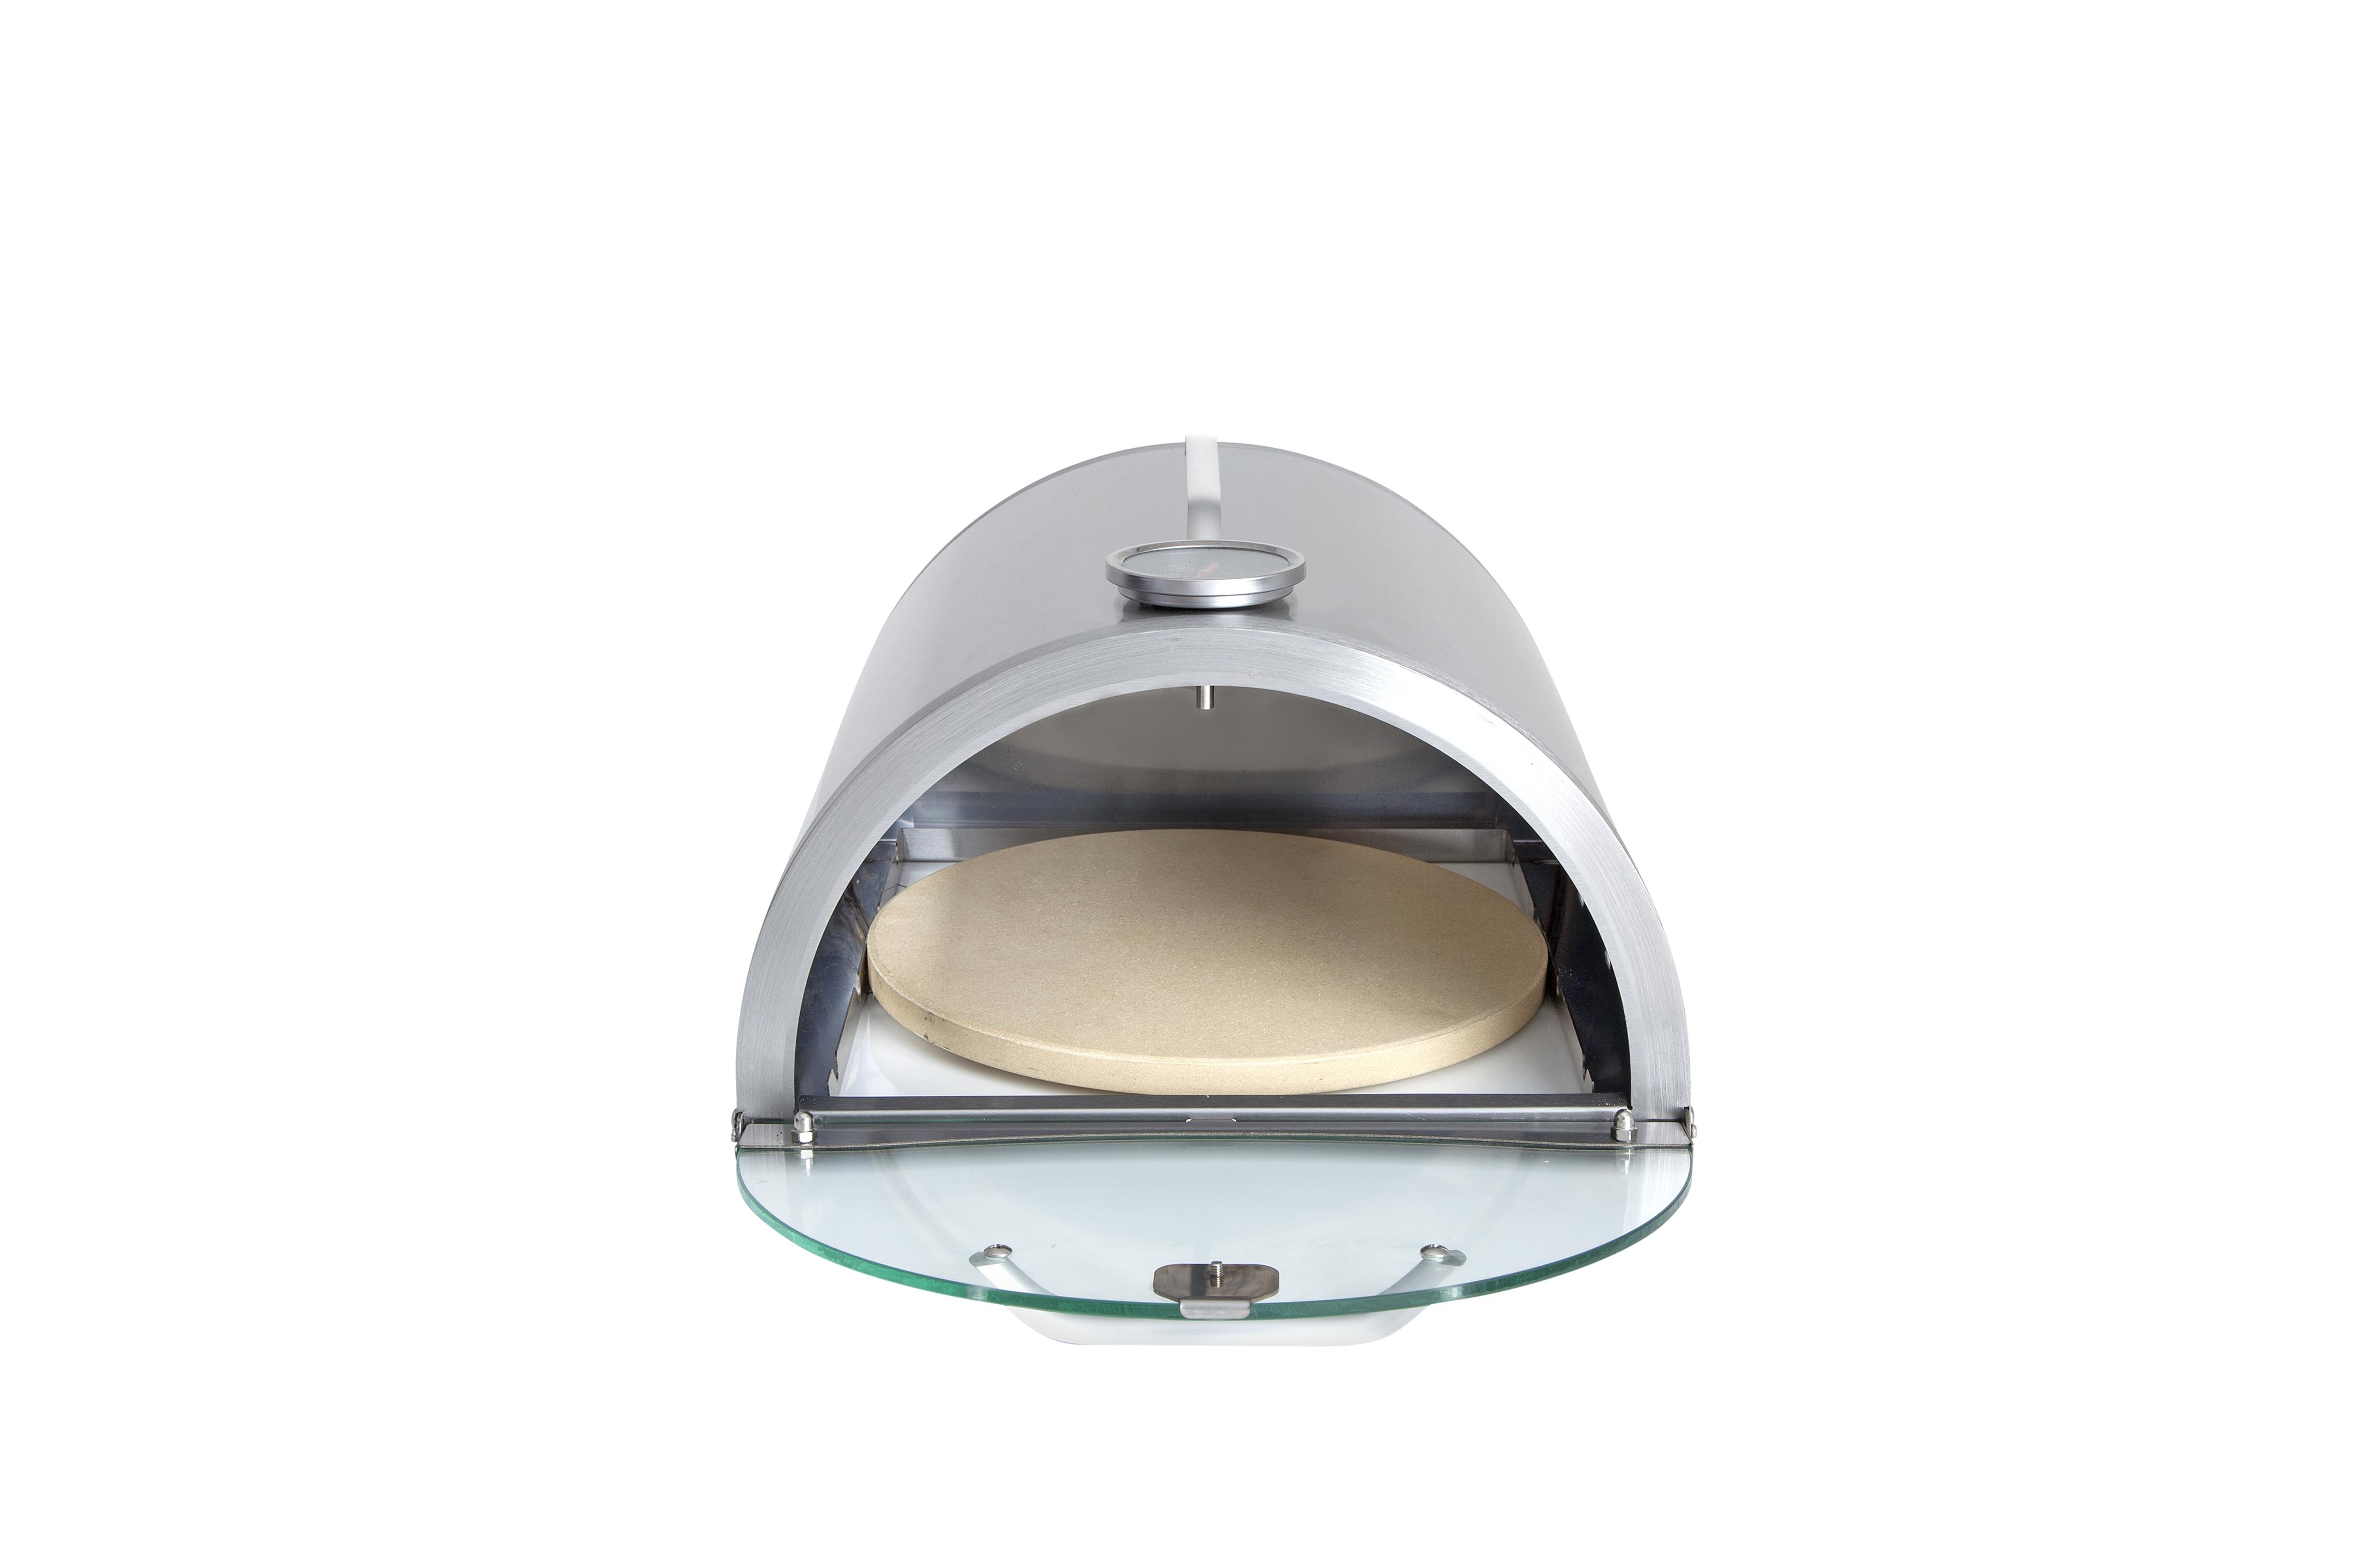 Pizzabox mit Pizzastein - Aufsatz für Gasgrill und Gasbrenner 35x32cm Bild 1